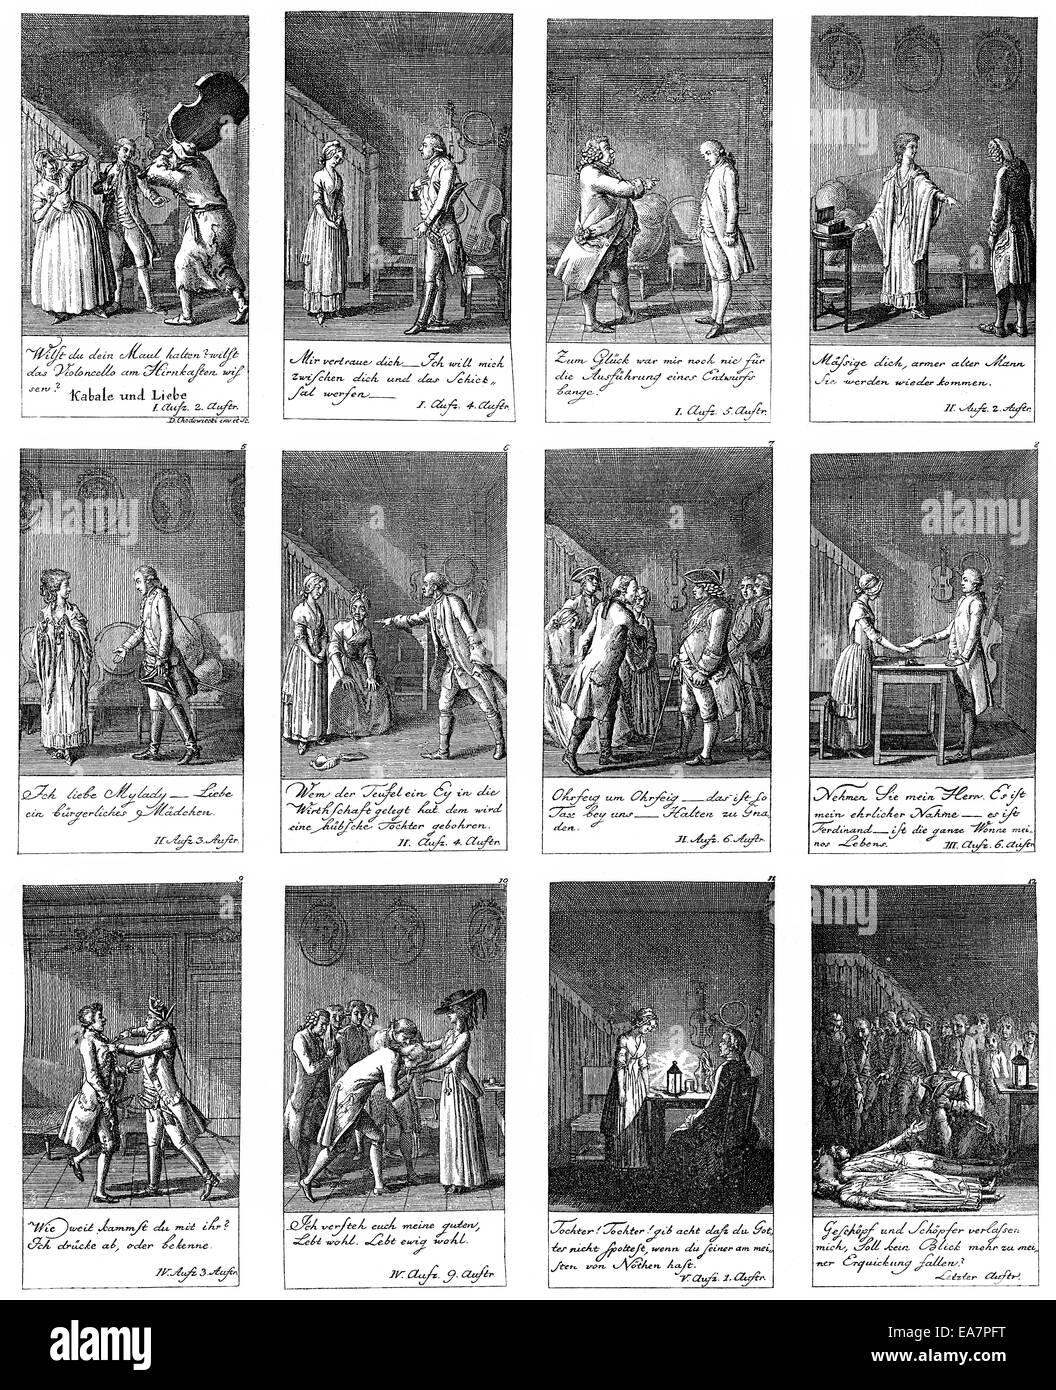 Illustrazioni di Kabale und Liebe, di amore e di intrigo, 1786 da Johann Christoph Friedrich von Schiller, Historische Immagini Stock